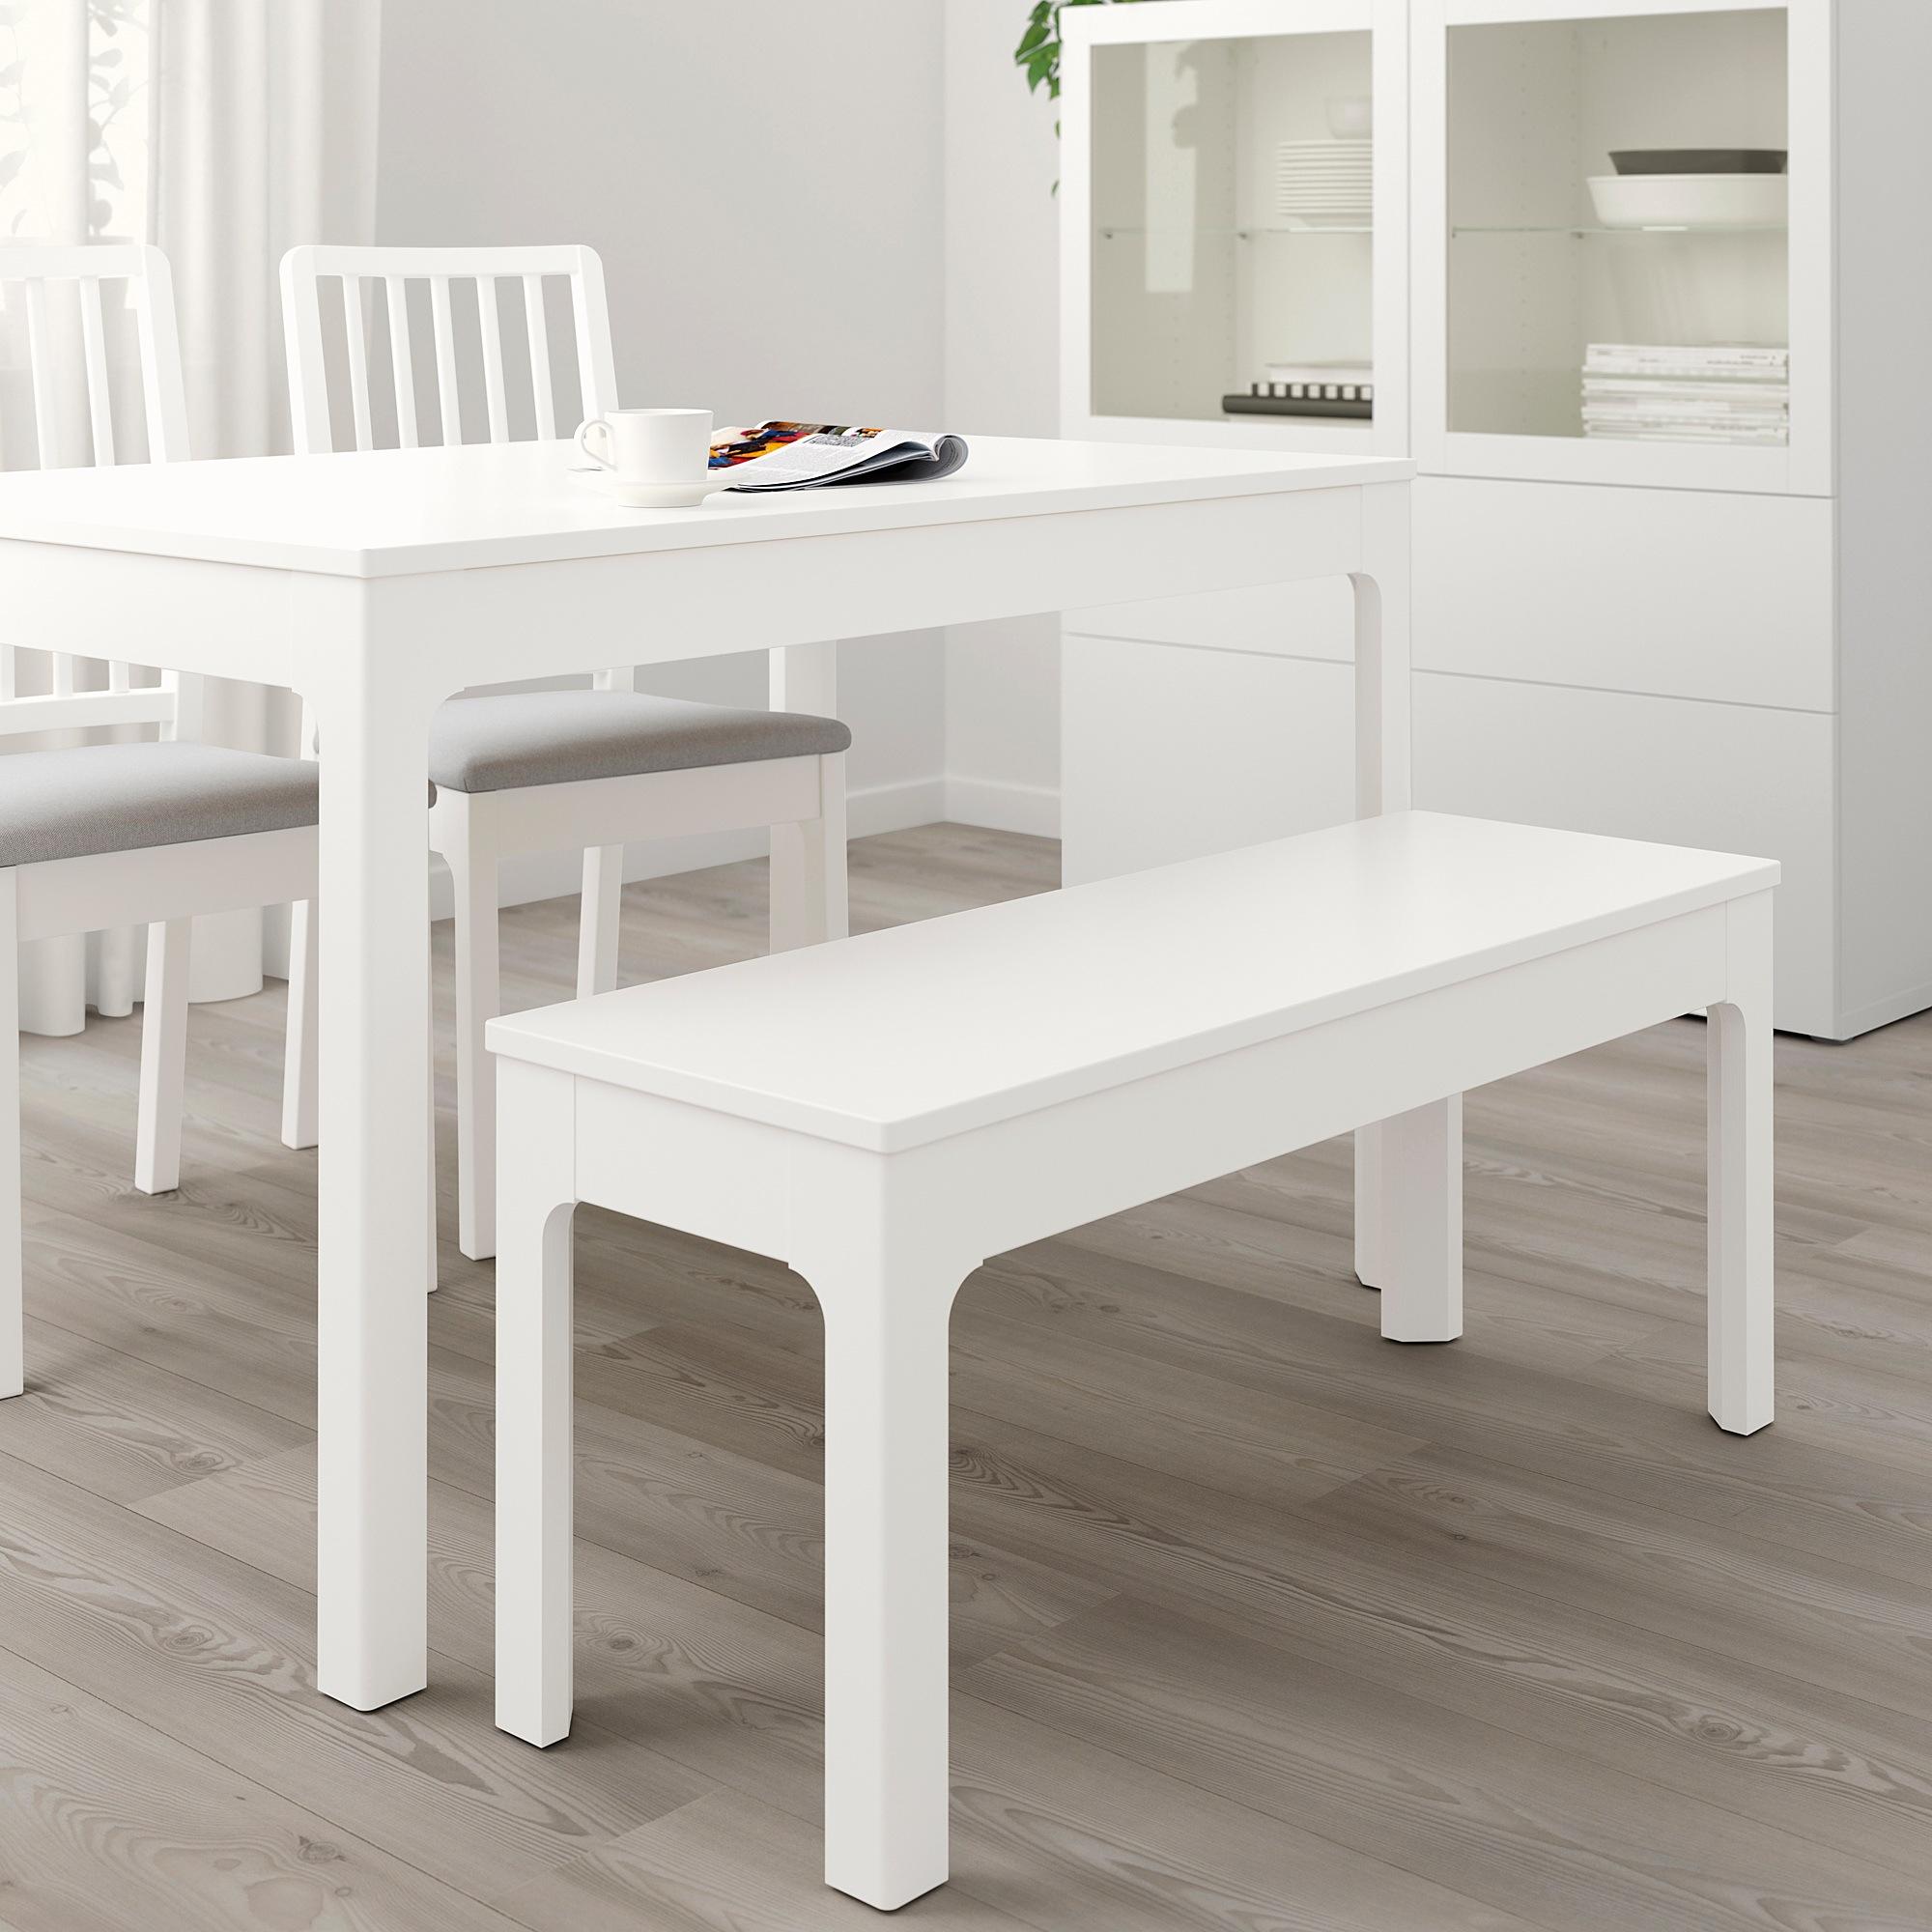 Ekedalen Banc Blanc 105x36 Cm Ikea